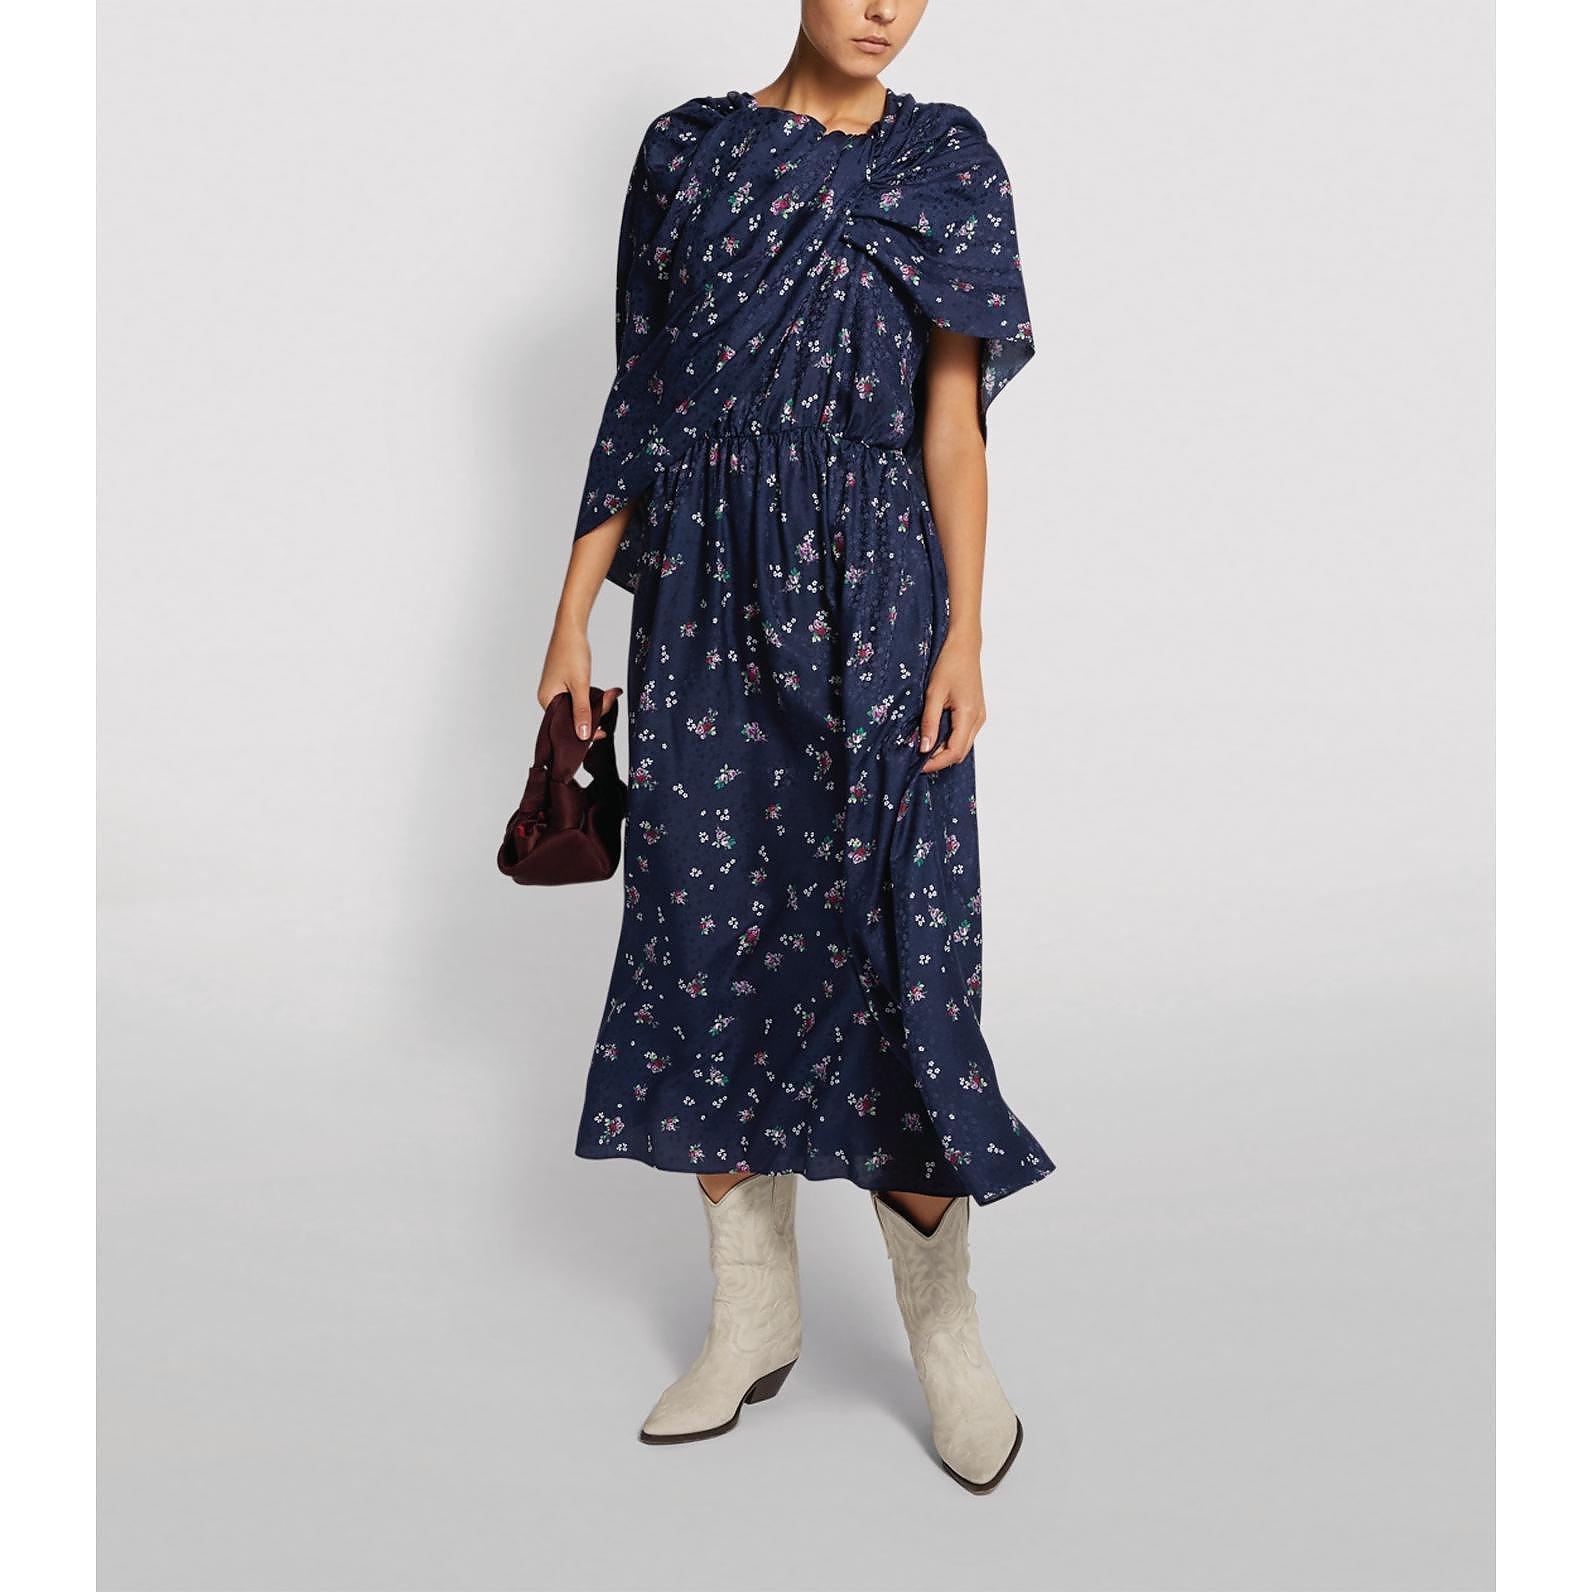 Magda Butrym Getafe Floral Cape Dress